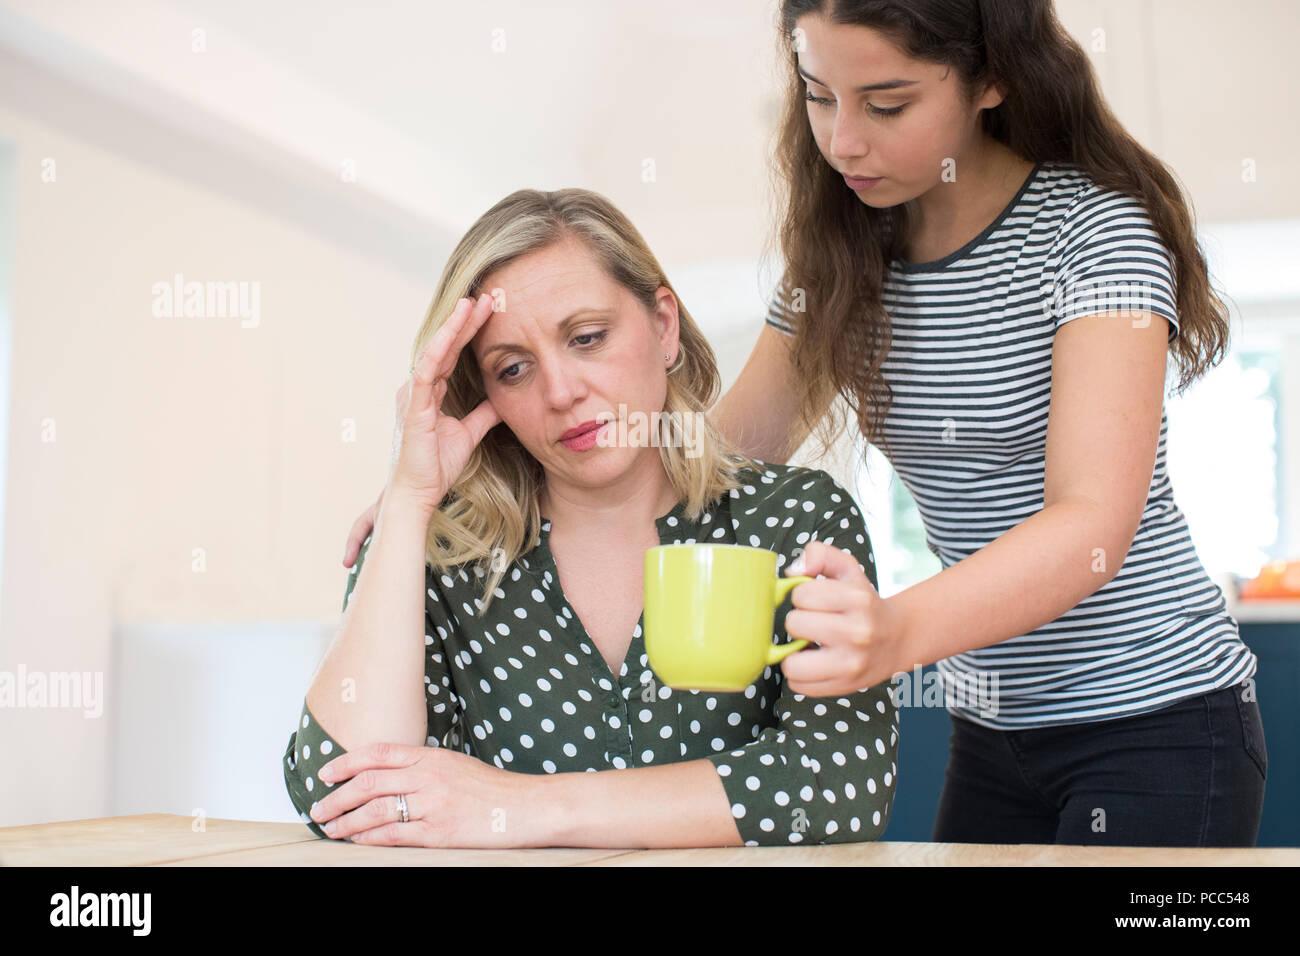 Fille adolescente faisant boire à la souffrance des parents ayant des problèmes de santé mentale Photo Stock